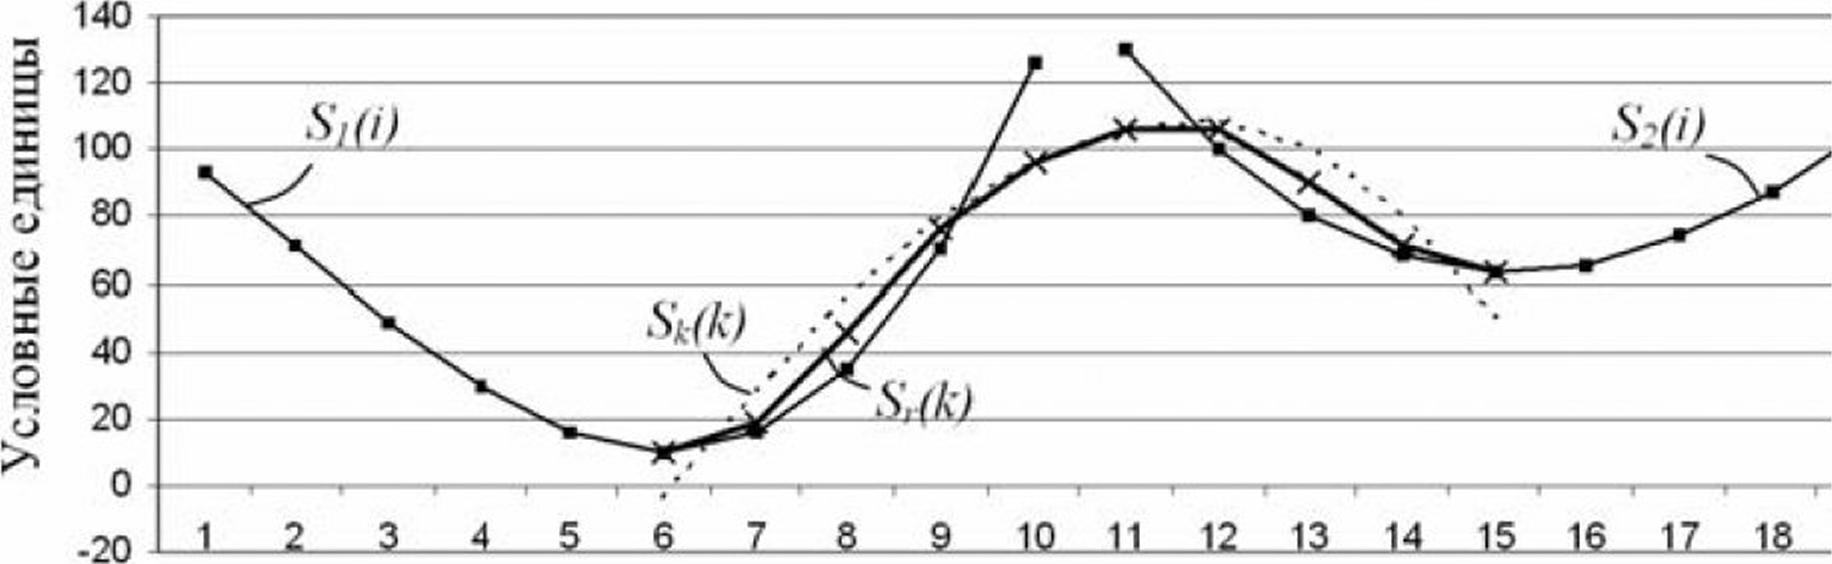 Применение сплайнов для адаптивного сжатия сигналов измерительной информации в системах автоматизации технологических процессов 15